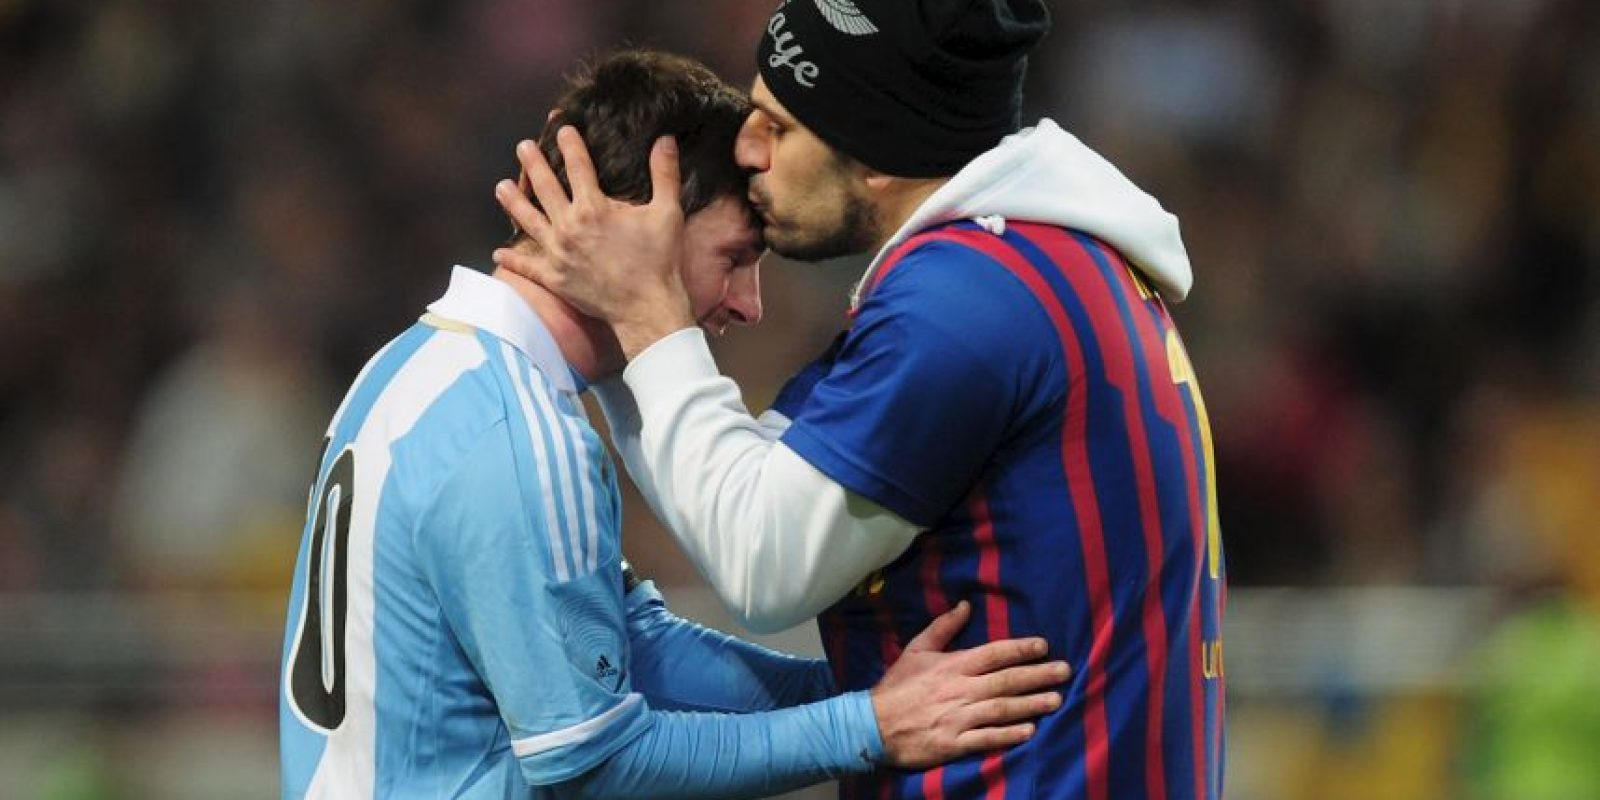 Los mejores momentps de Lionel Messi al lado de sus fanáticos Foto:Getty Images